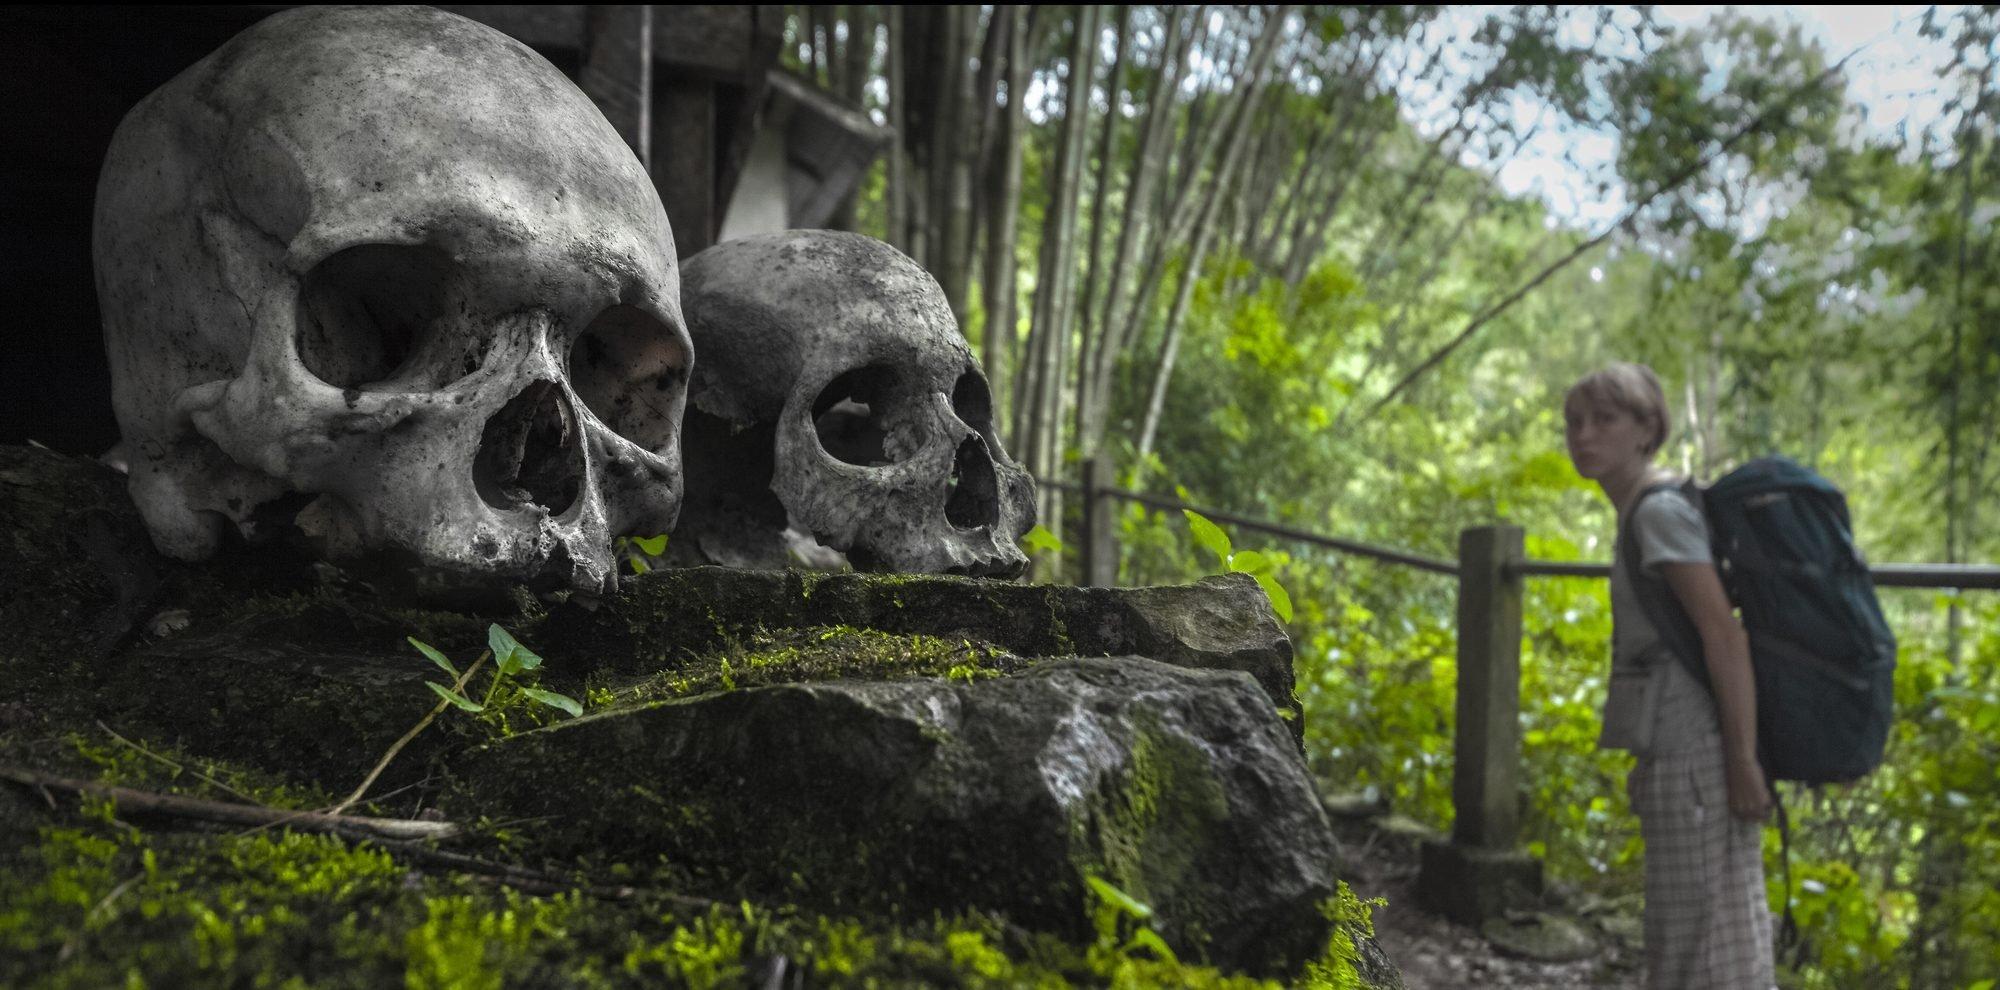 depositphotos 102182064 l 2015 e1515057355105.jpg?resize=1200,630 - En Indonésie, un rituel étrange voit les morts quitter leur tombe tous les 3 ans.